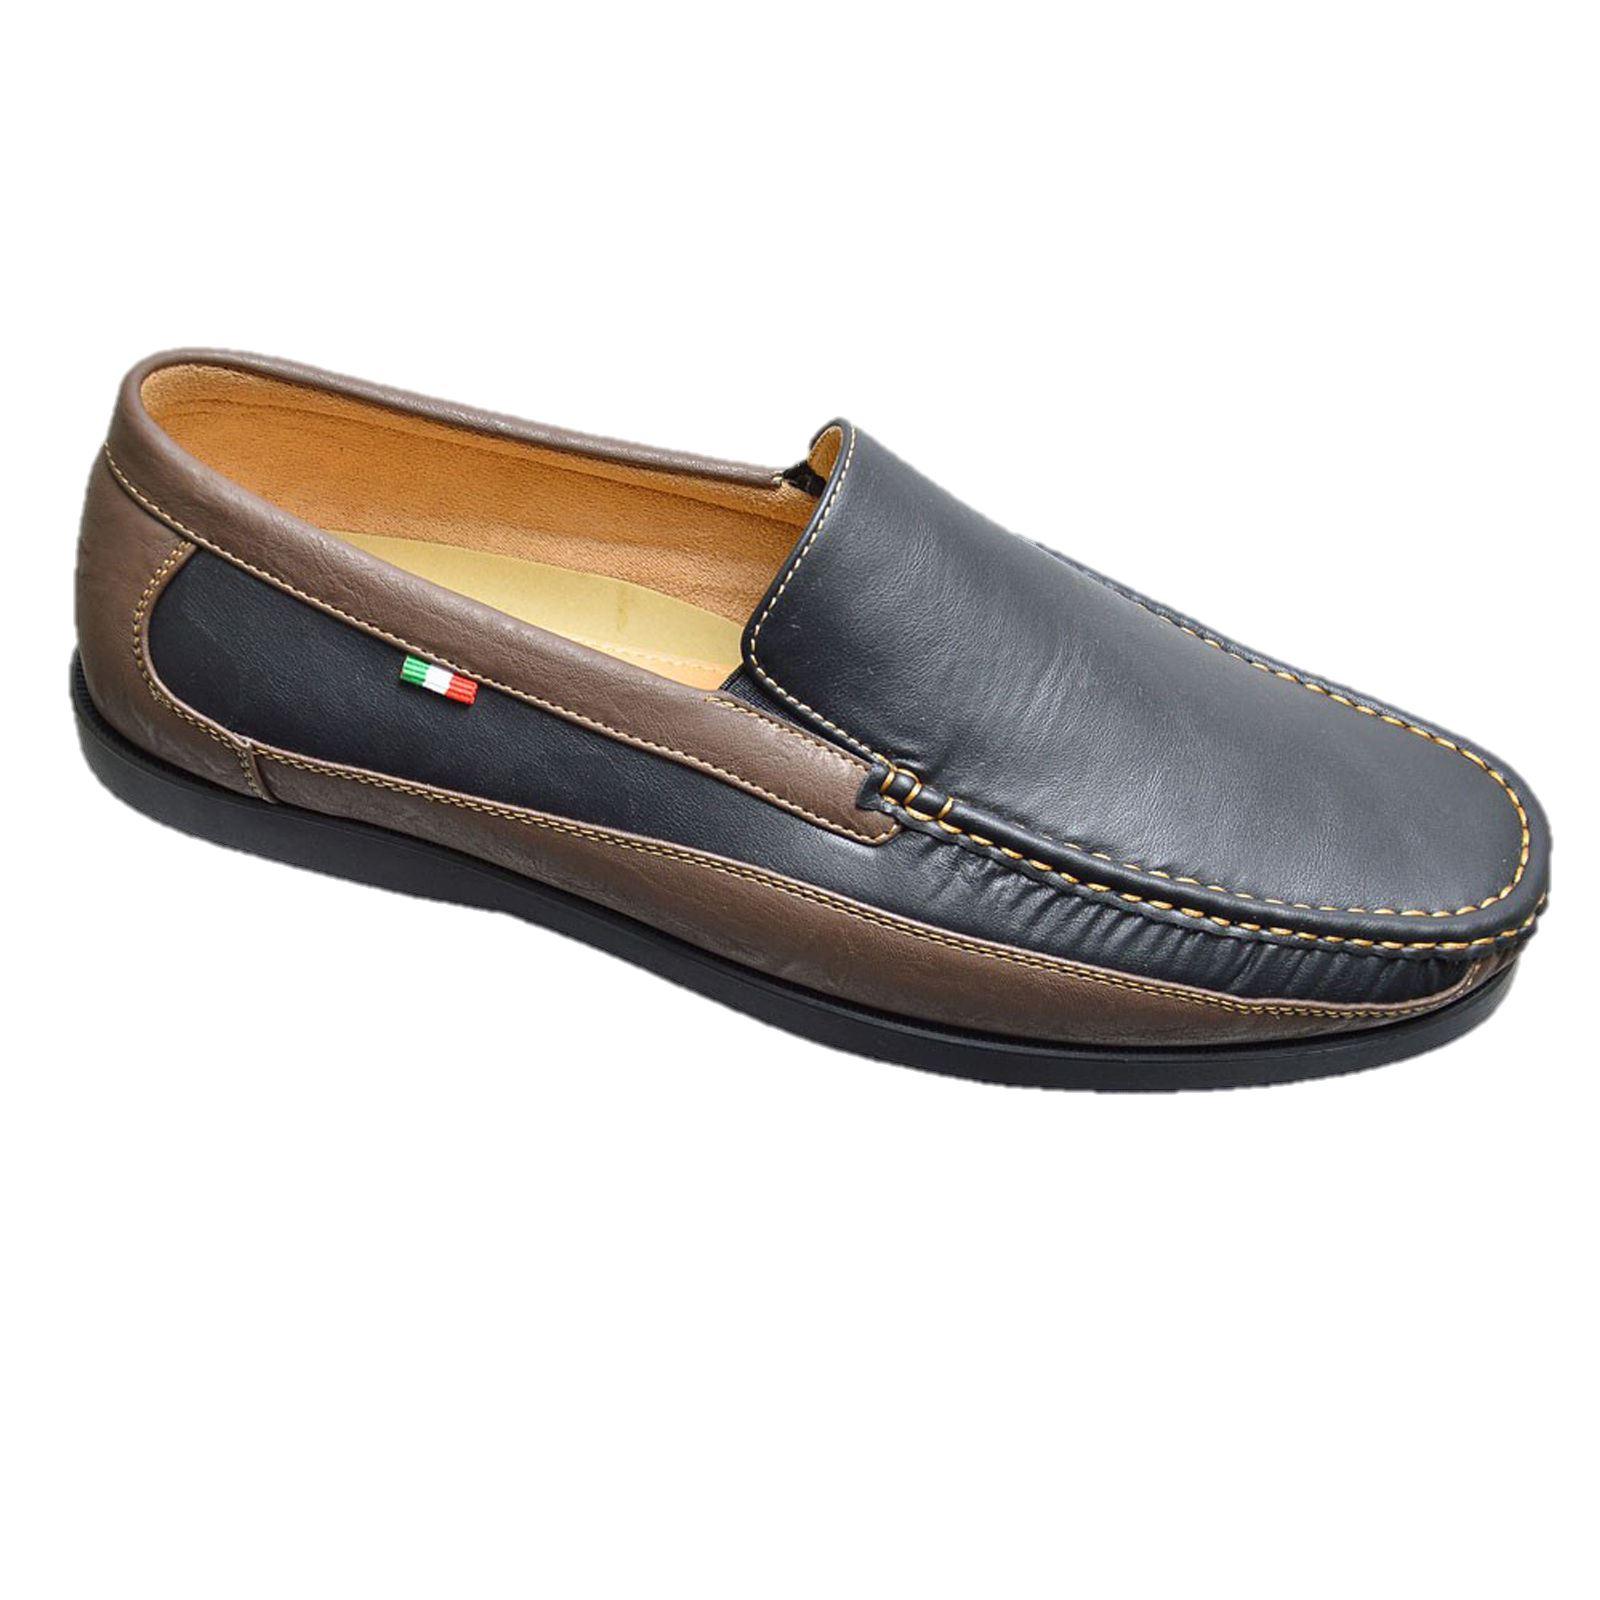 mens shoes slip on size 12 13 14 15 loafer moccasin ebay